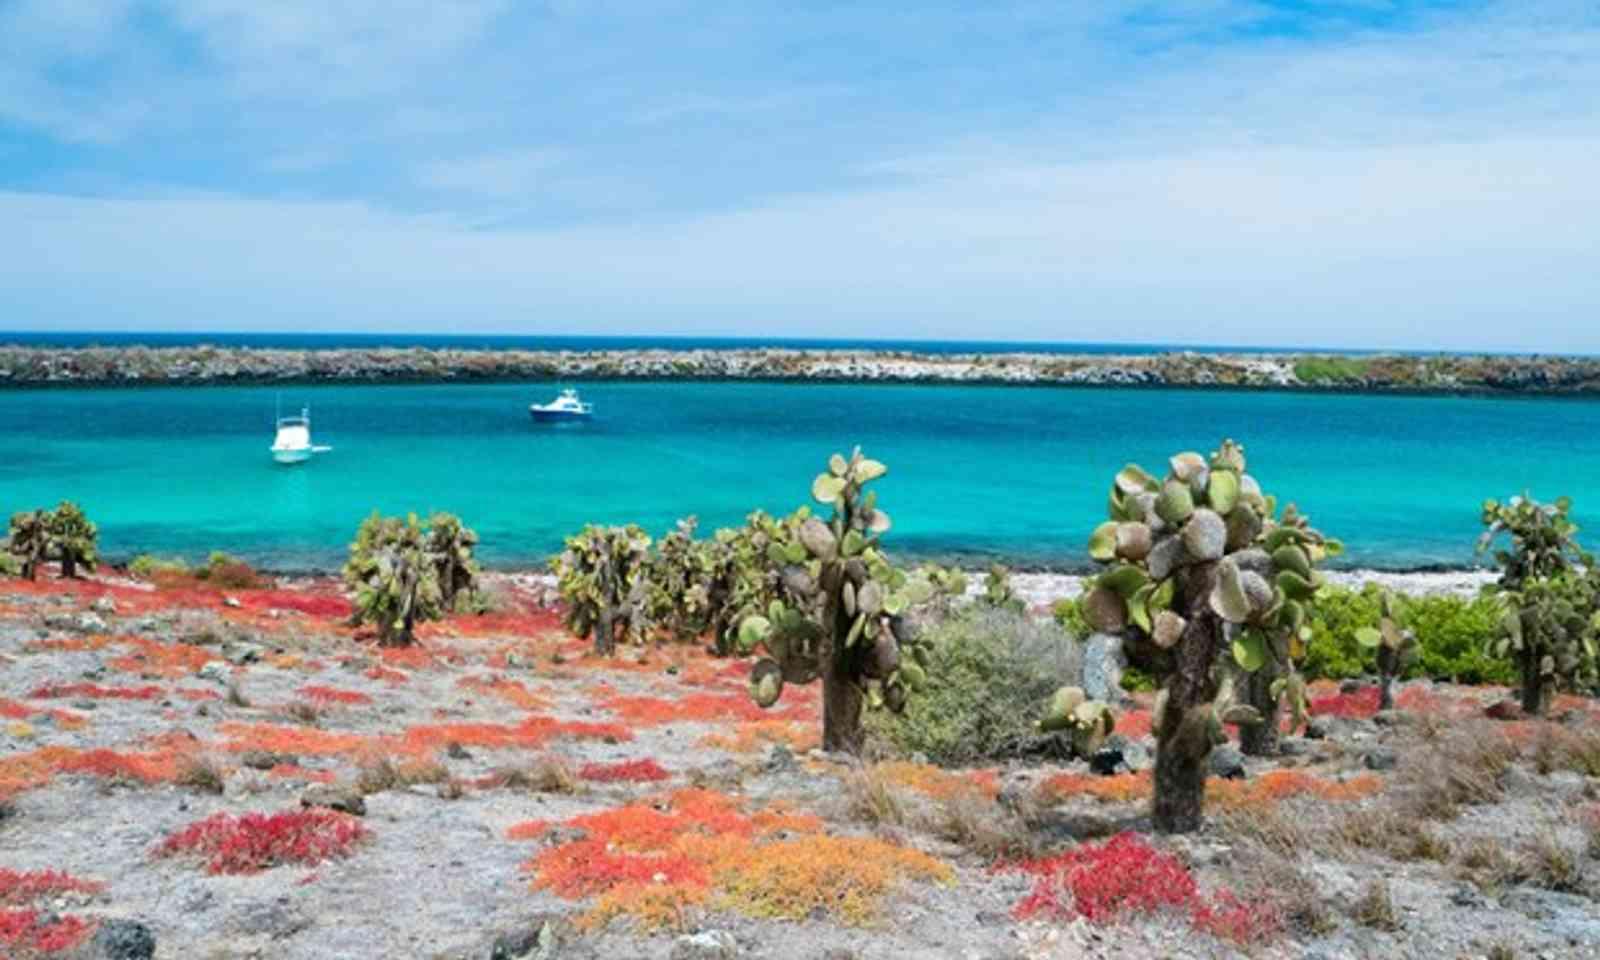 Galapagos South Plaza (Shutterstockcom)